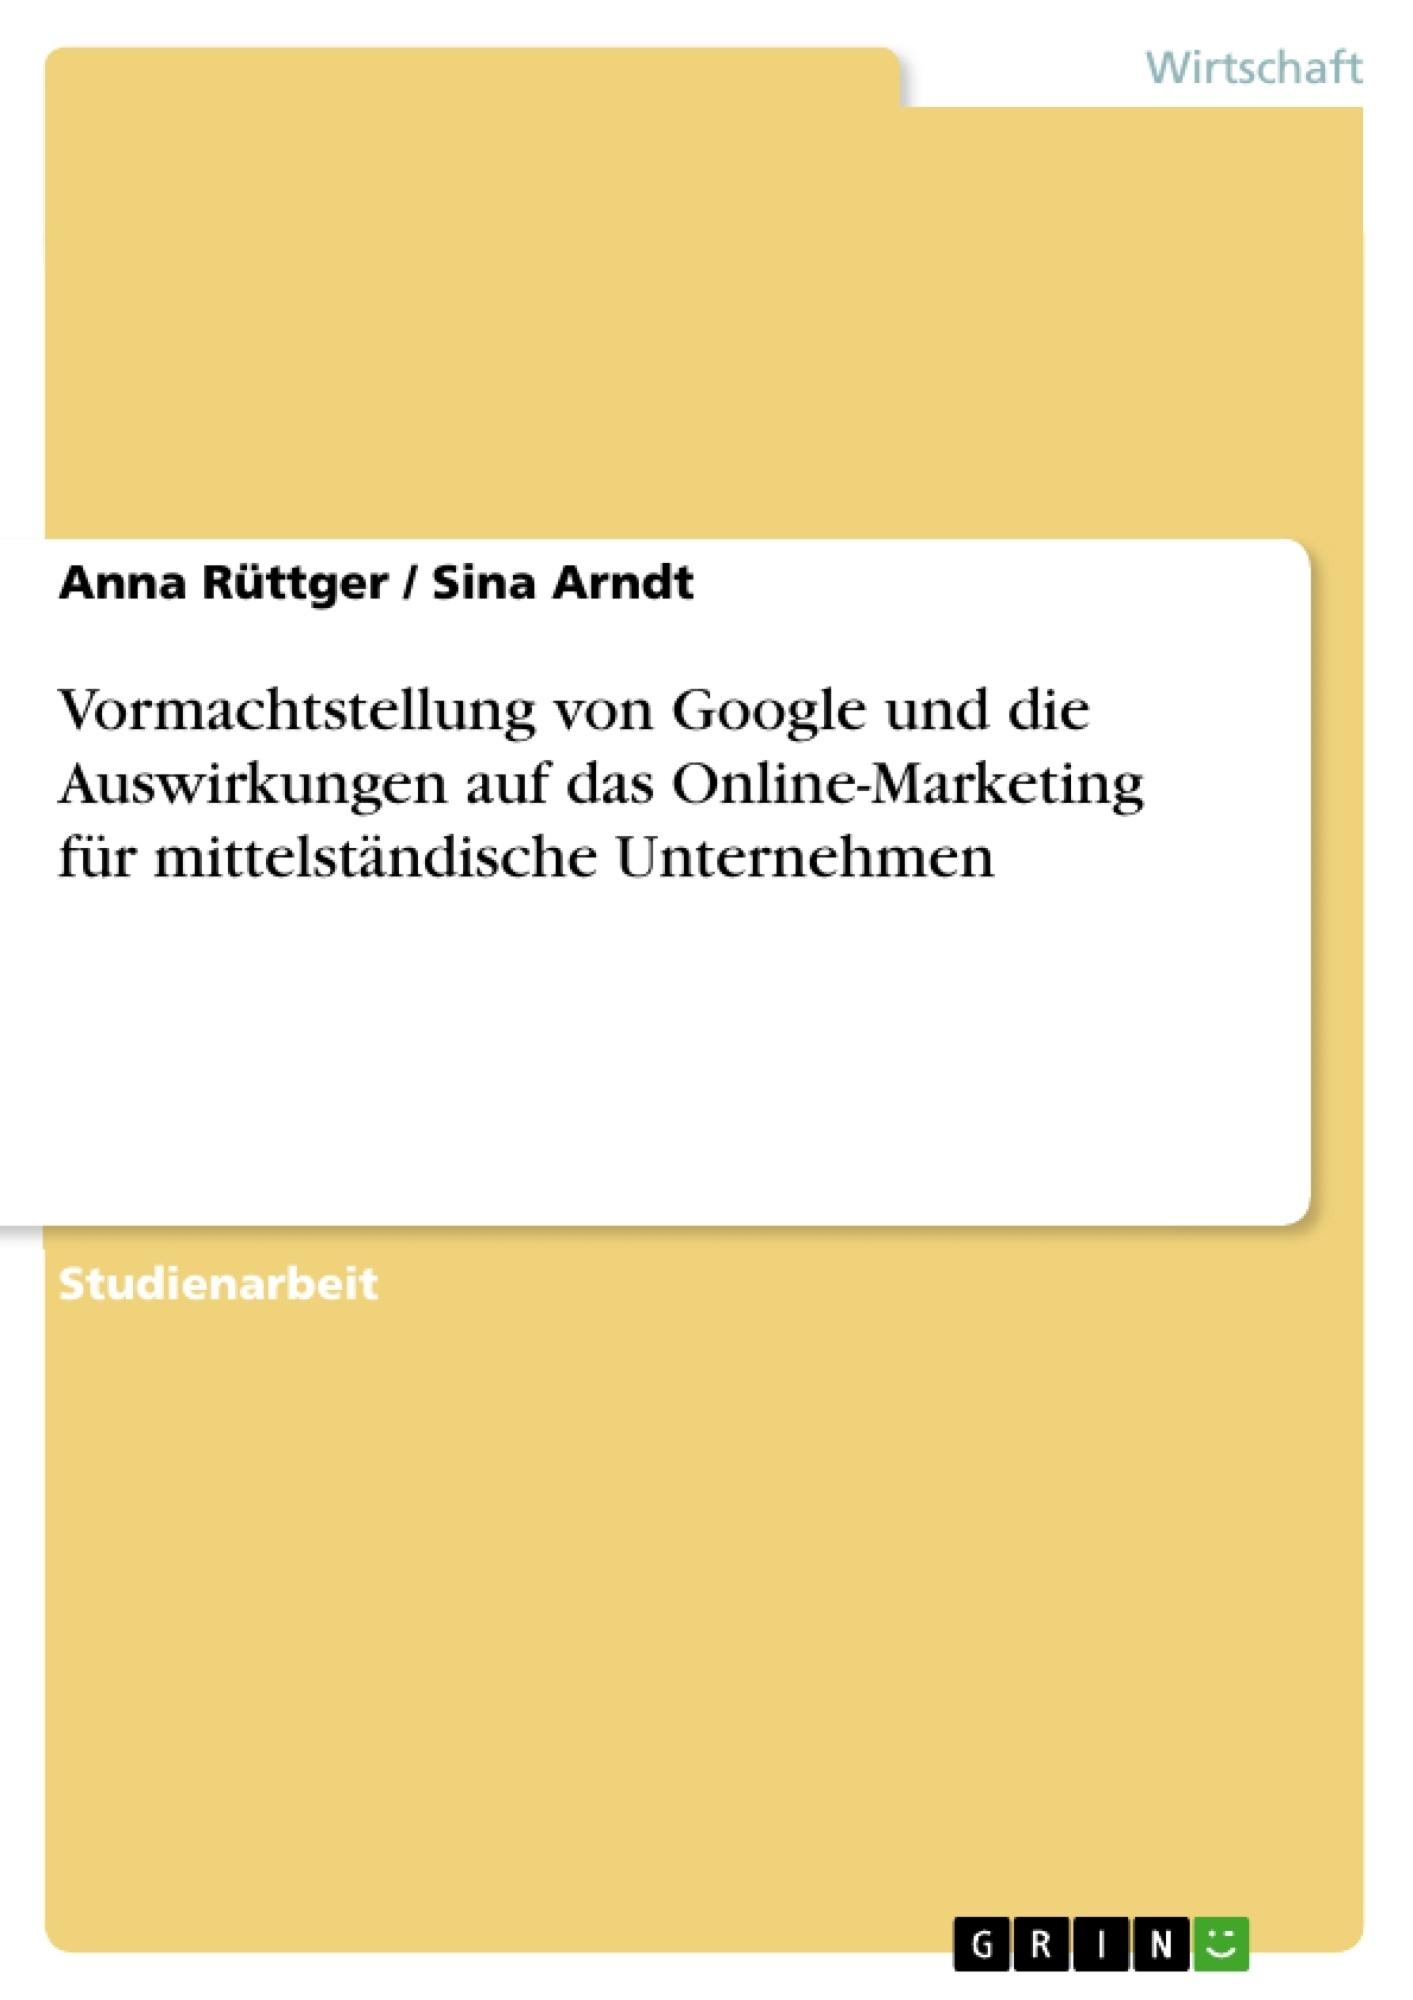 Titel: Vormachtstellung von Google und die Auswirkungen auf das Online-Marketing für mittelständische Unternehmen